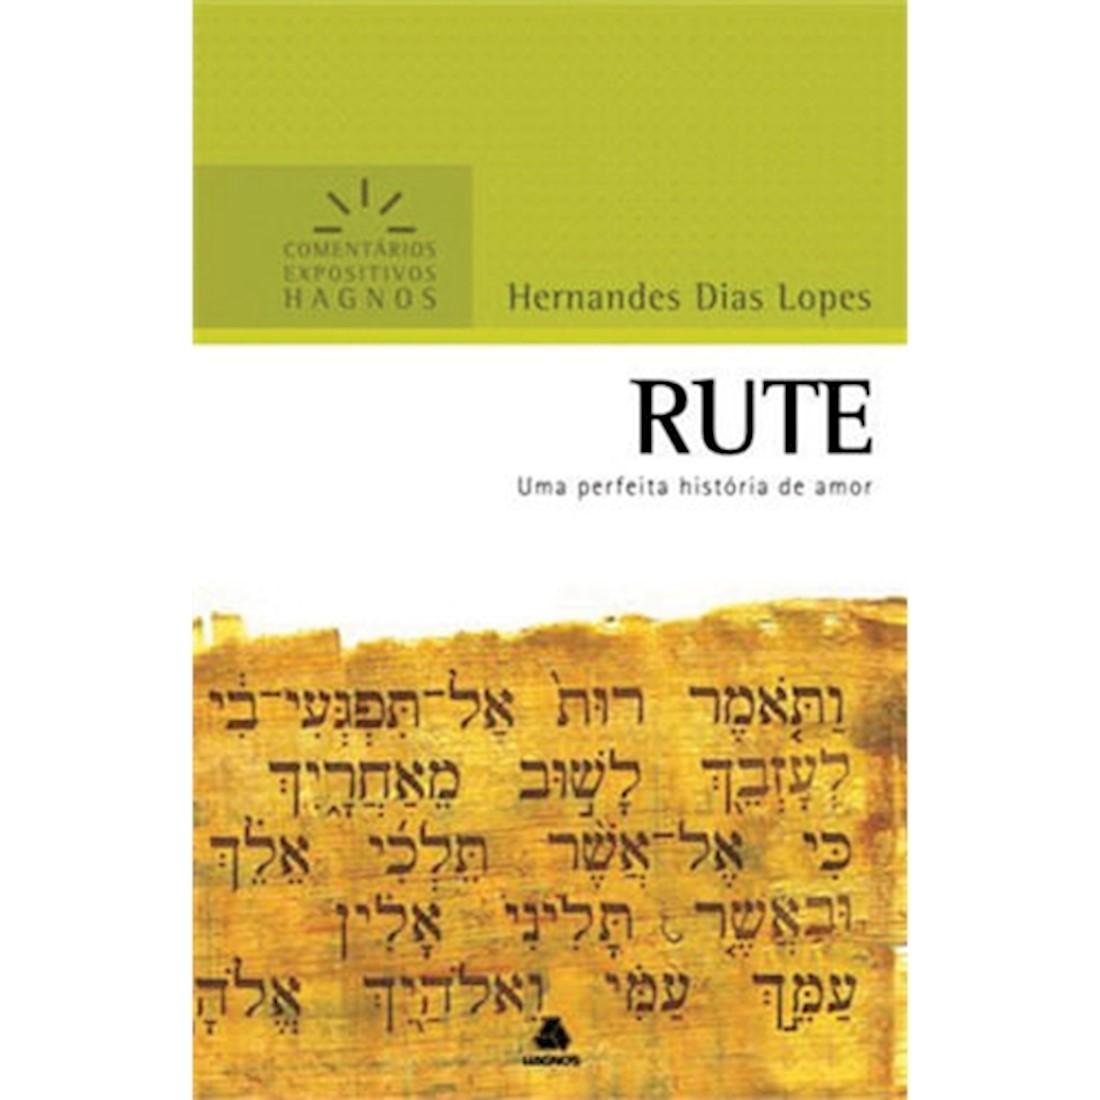 Livro Rute | Comentários Expositivos Hagnos